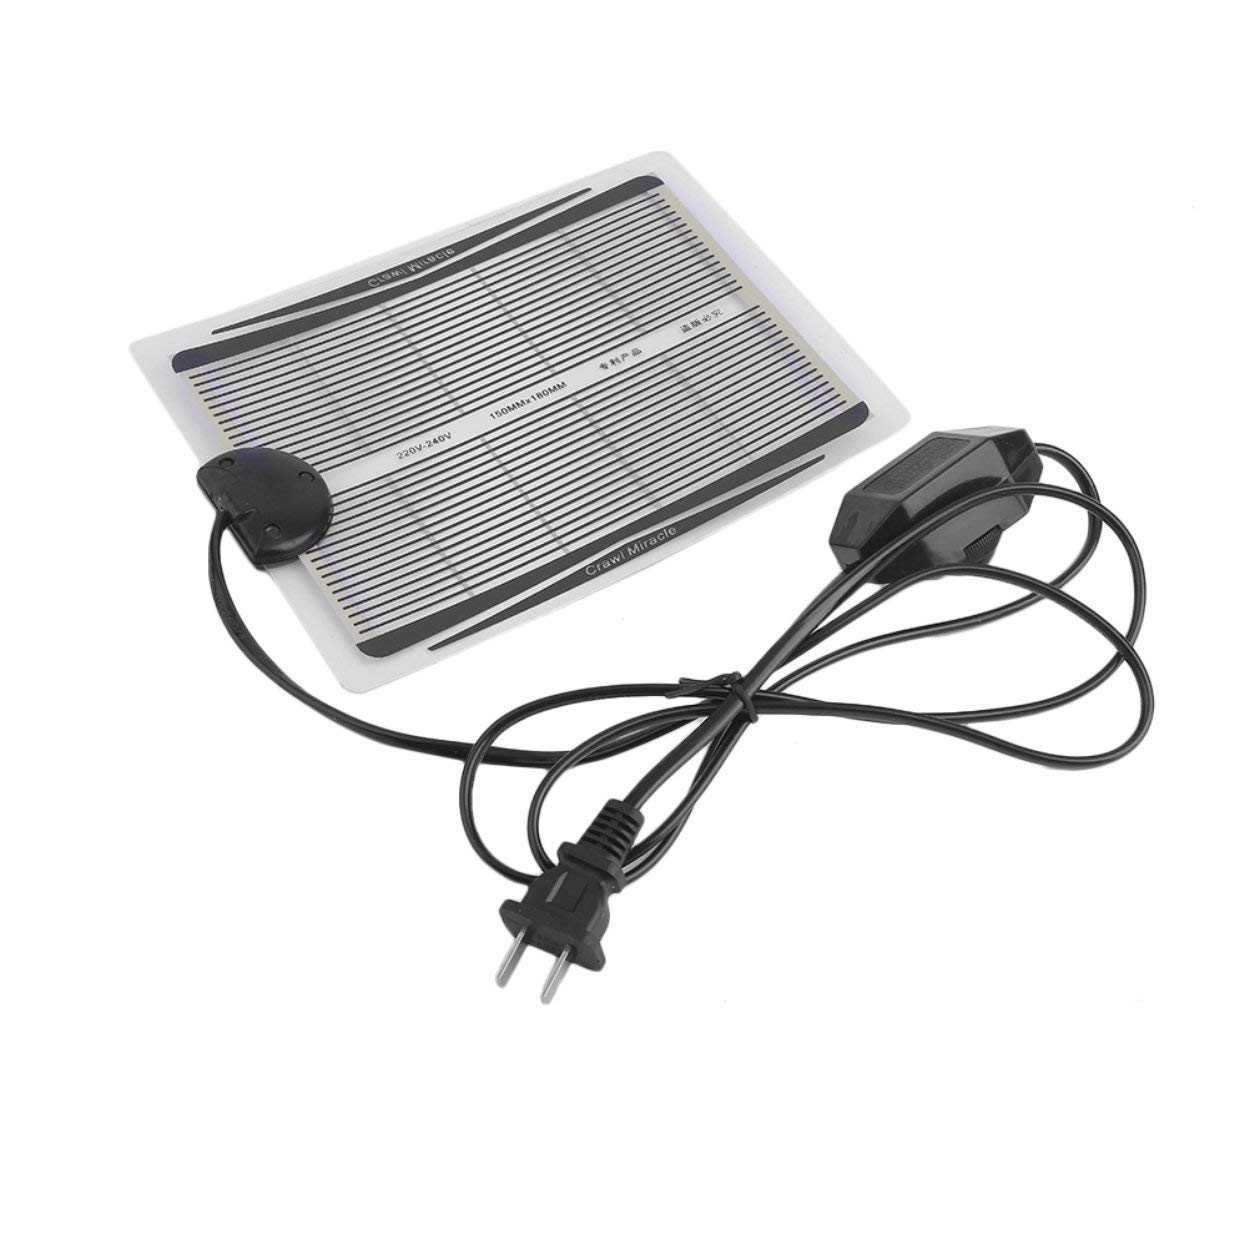 Acquisto Riscaldatore per riscaldamento rapido a temperatura ambiente CM 5W / 15W / 25W / 35W rapido Prezzi offerte